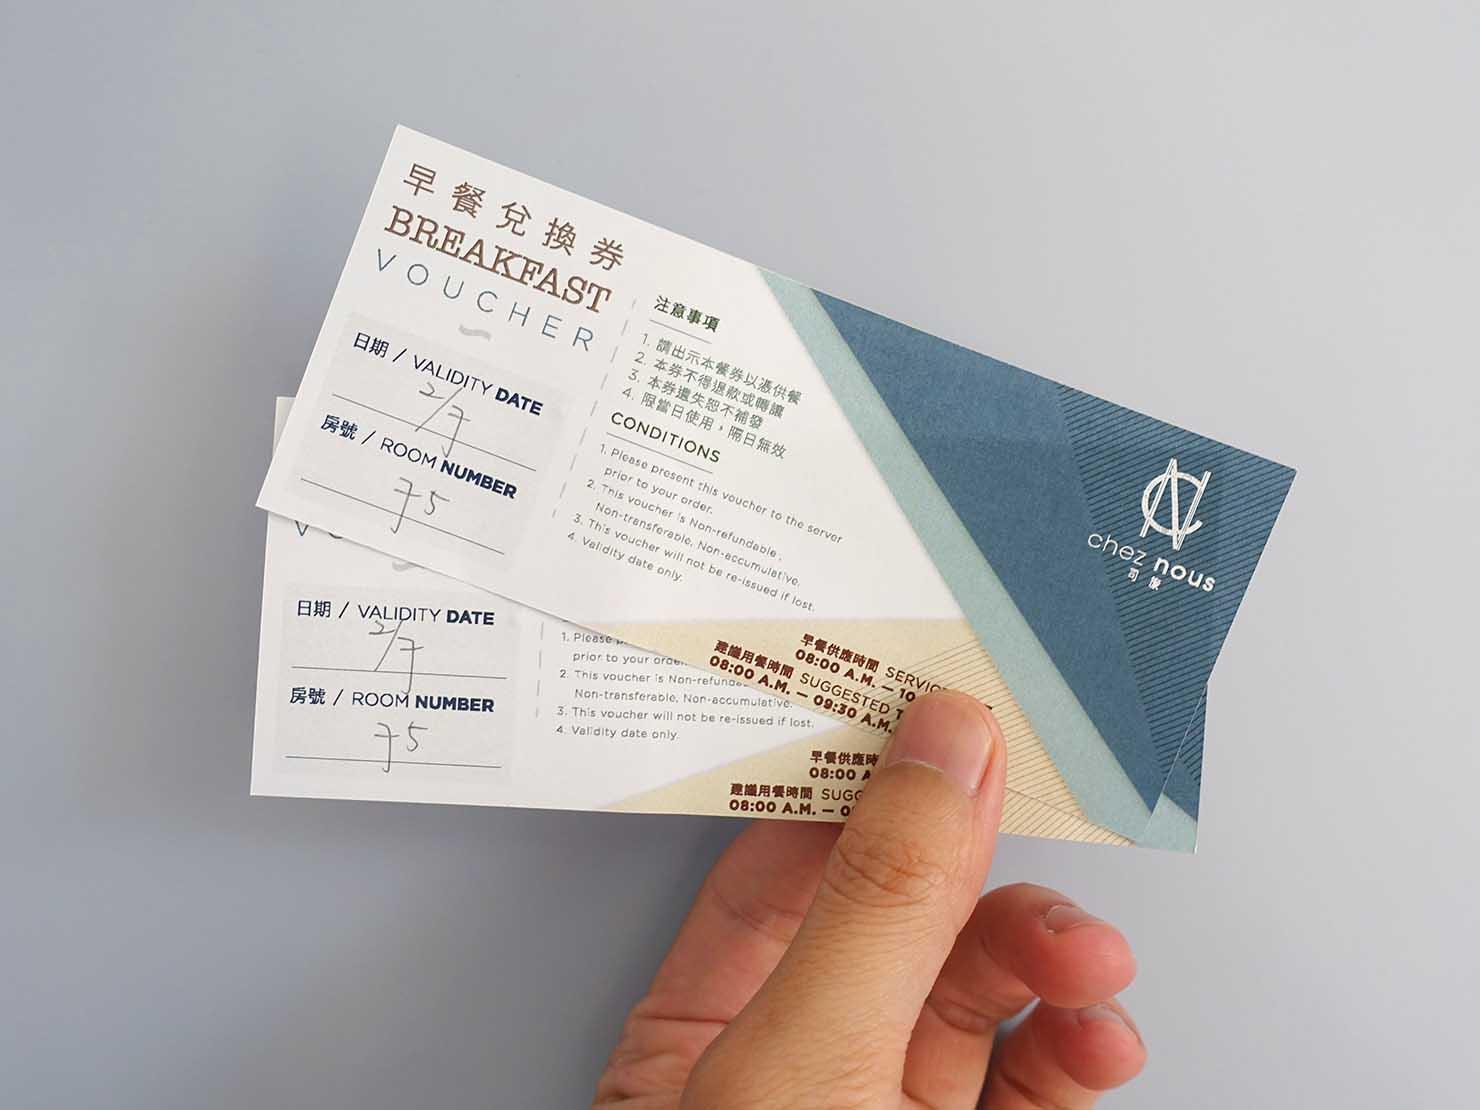 台北・大安の最高におしゃれなブティックホテル「chez nous 司旅」經典房(クラシックルーム)の朝食チケット